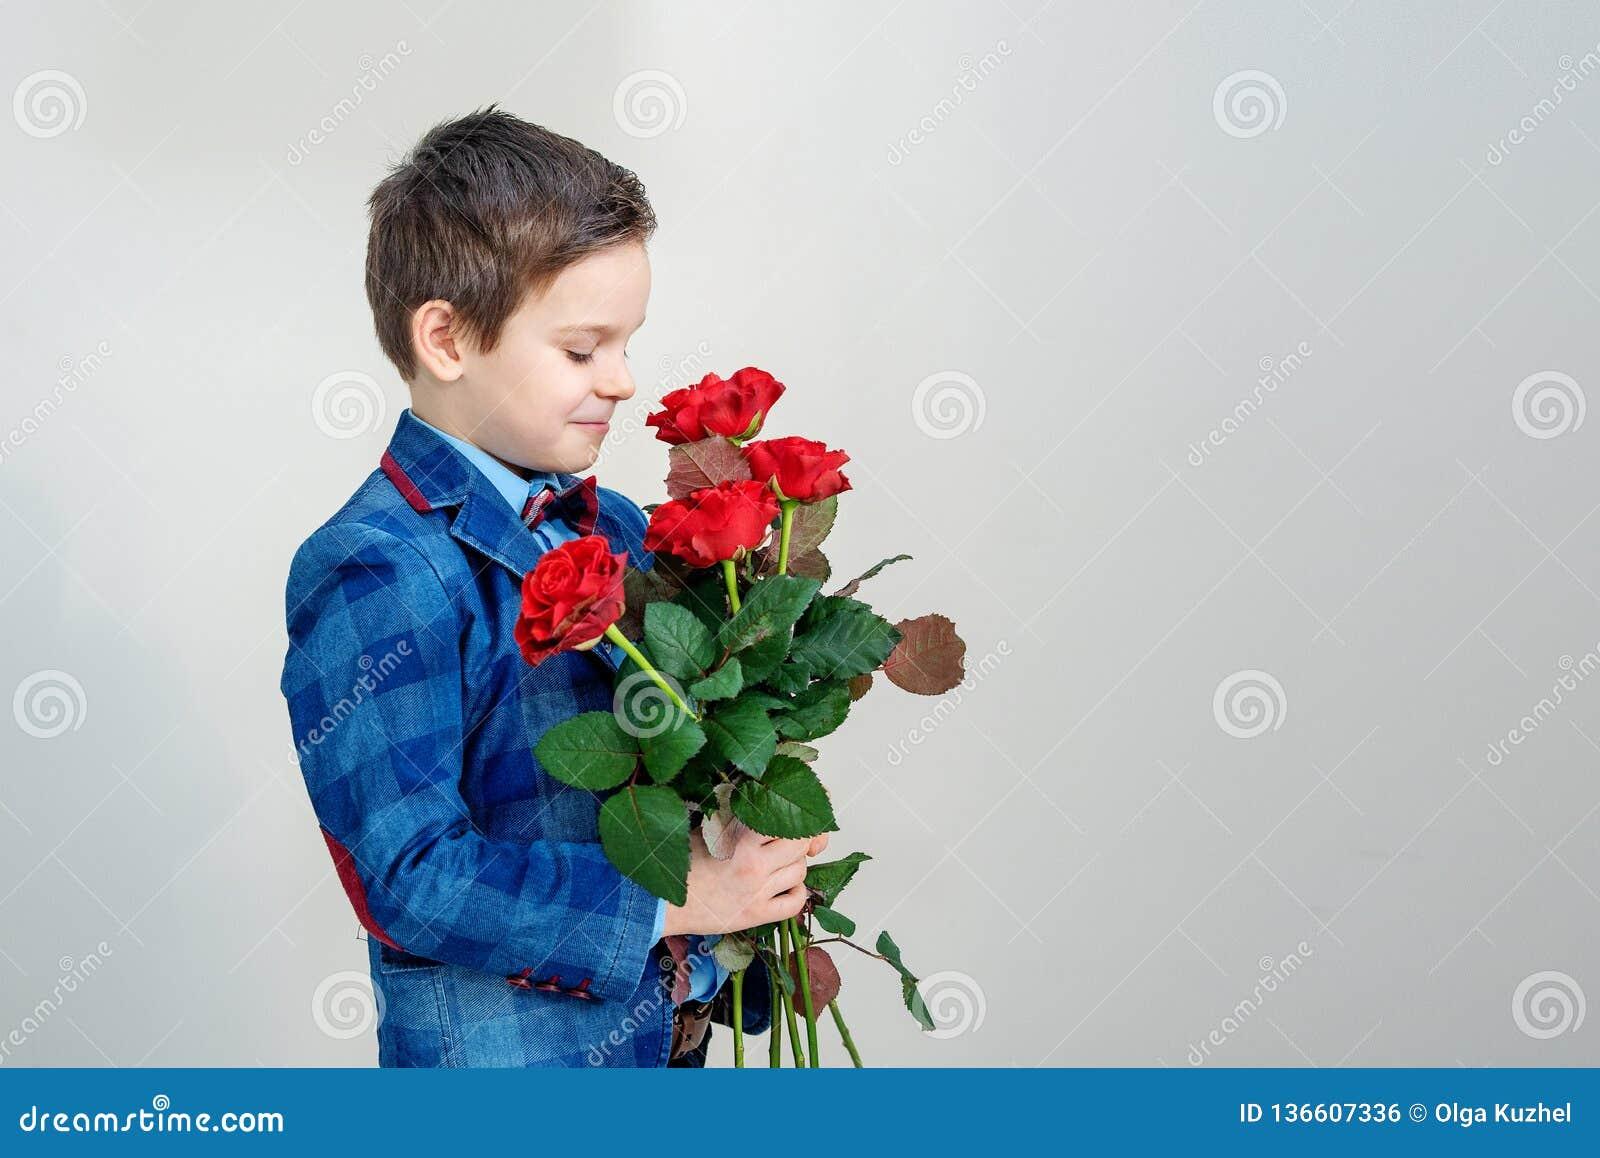 Λατρευτό μικρό παιδί στο κοστούμι με την ανθοδέσμη των κόκκινων τριαντάφυλλων σε ένα ελαφρύ υπόβαθρο